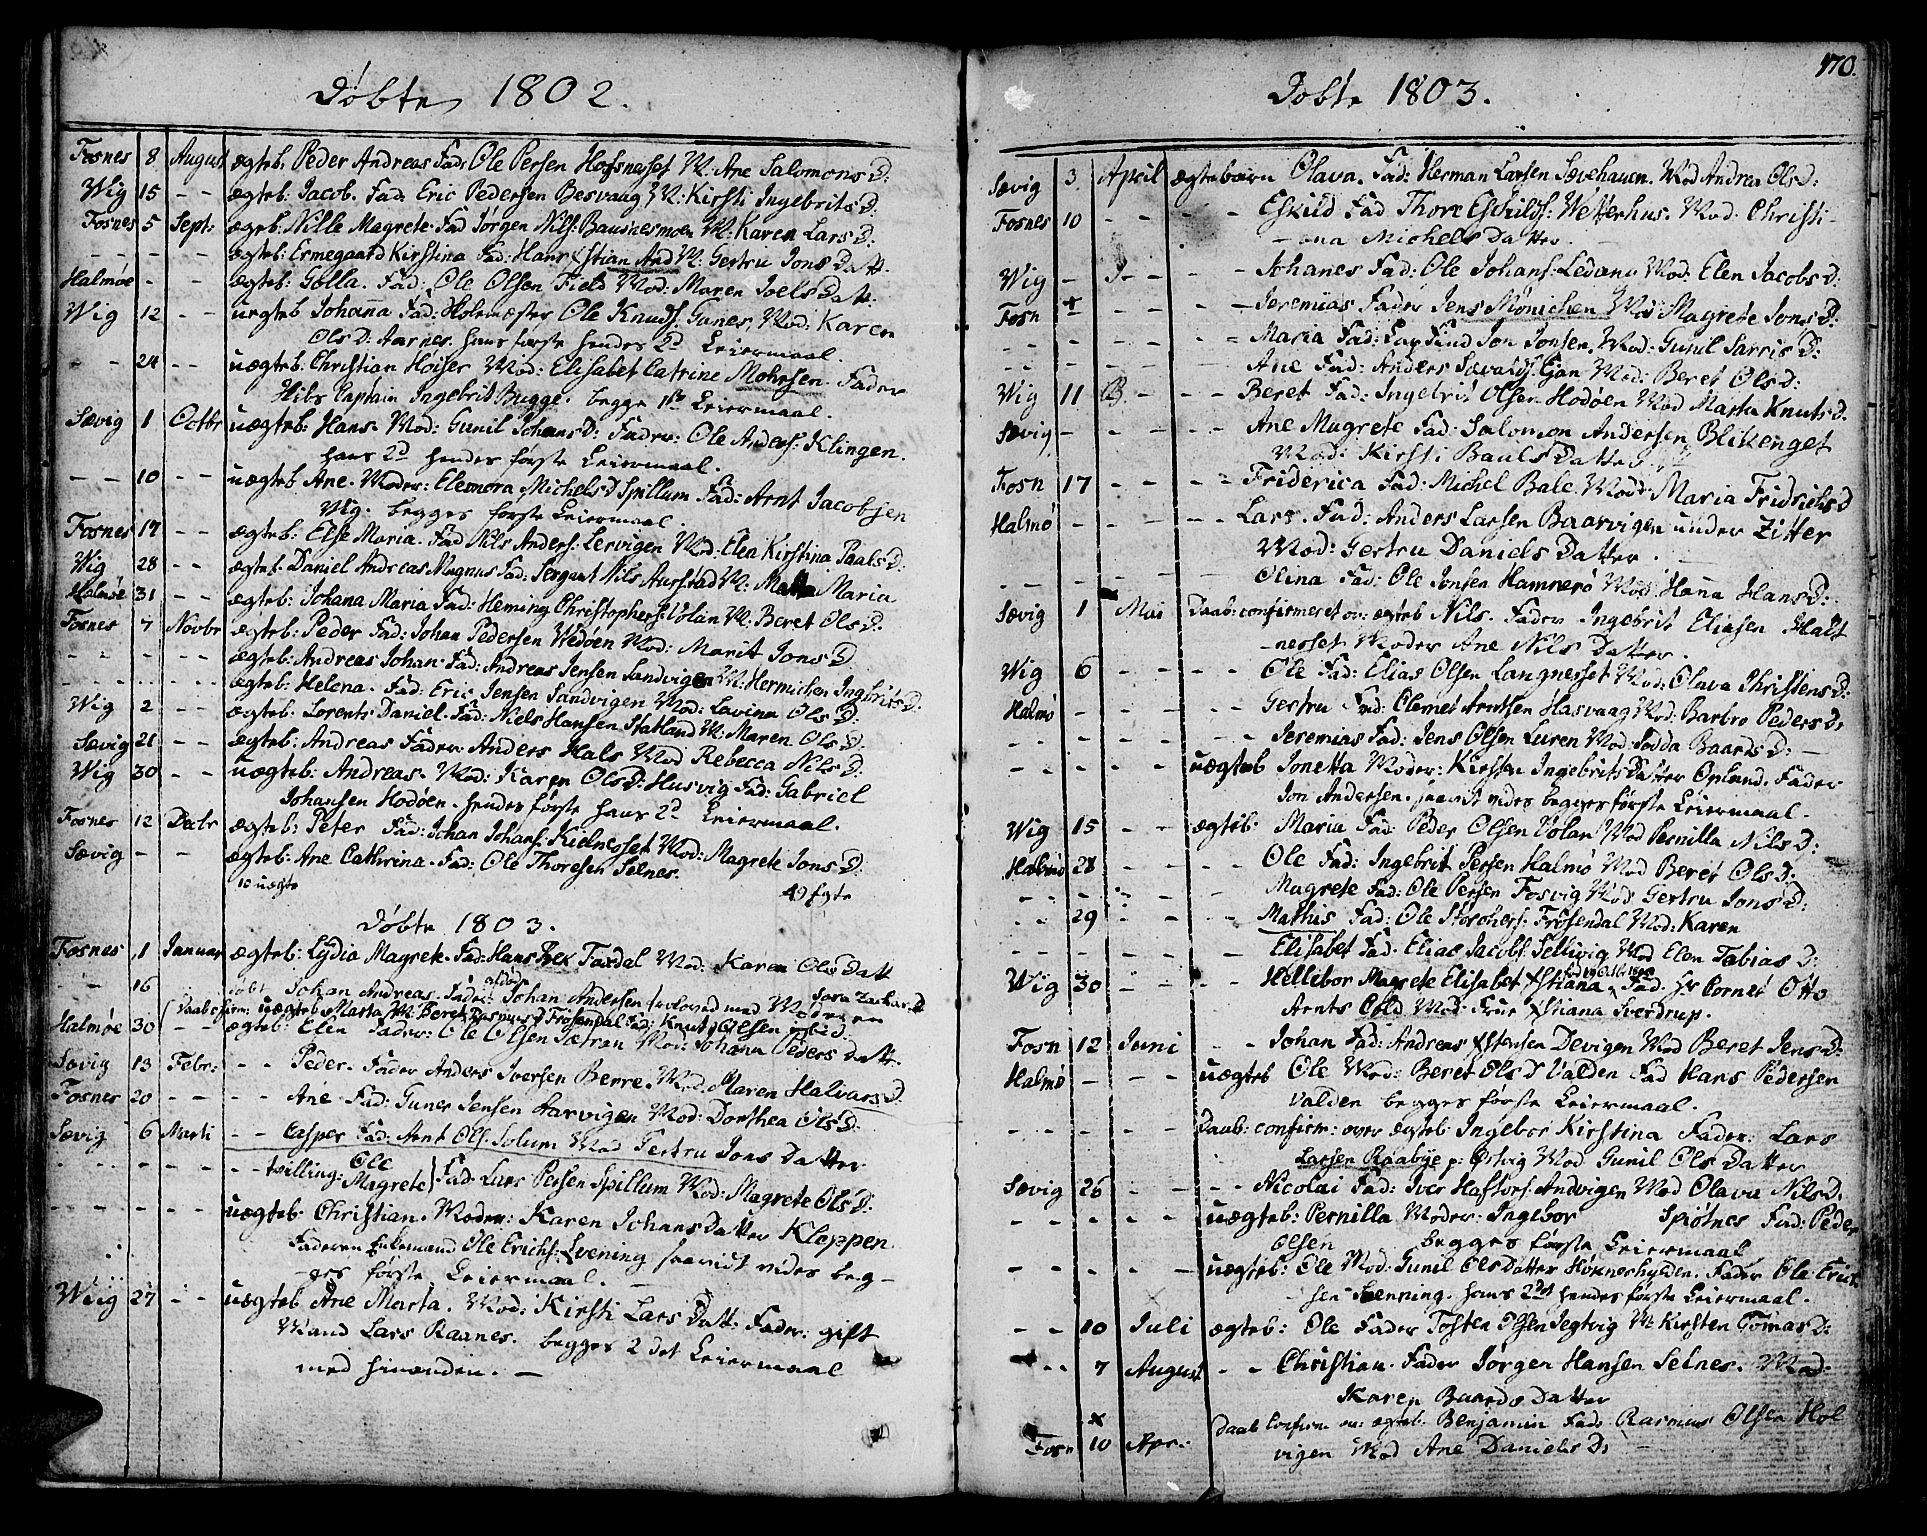 SAT, Ministerialprotokoller, klokkerbøker og fødselsregistre - Nord-Trøndelag, 773/L0608: Parish register (official) no. 773A02, 1784-1816, p. 170